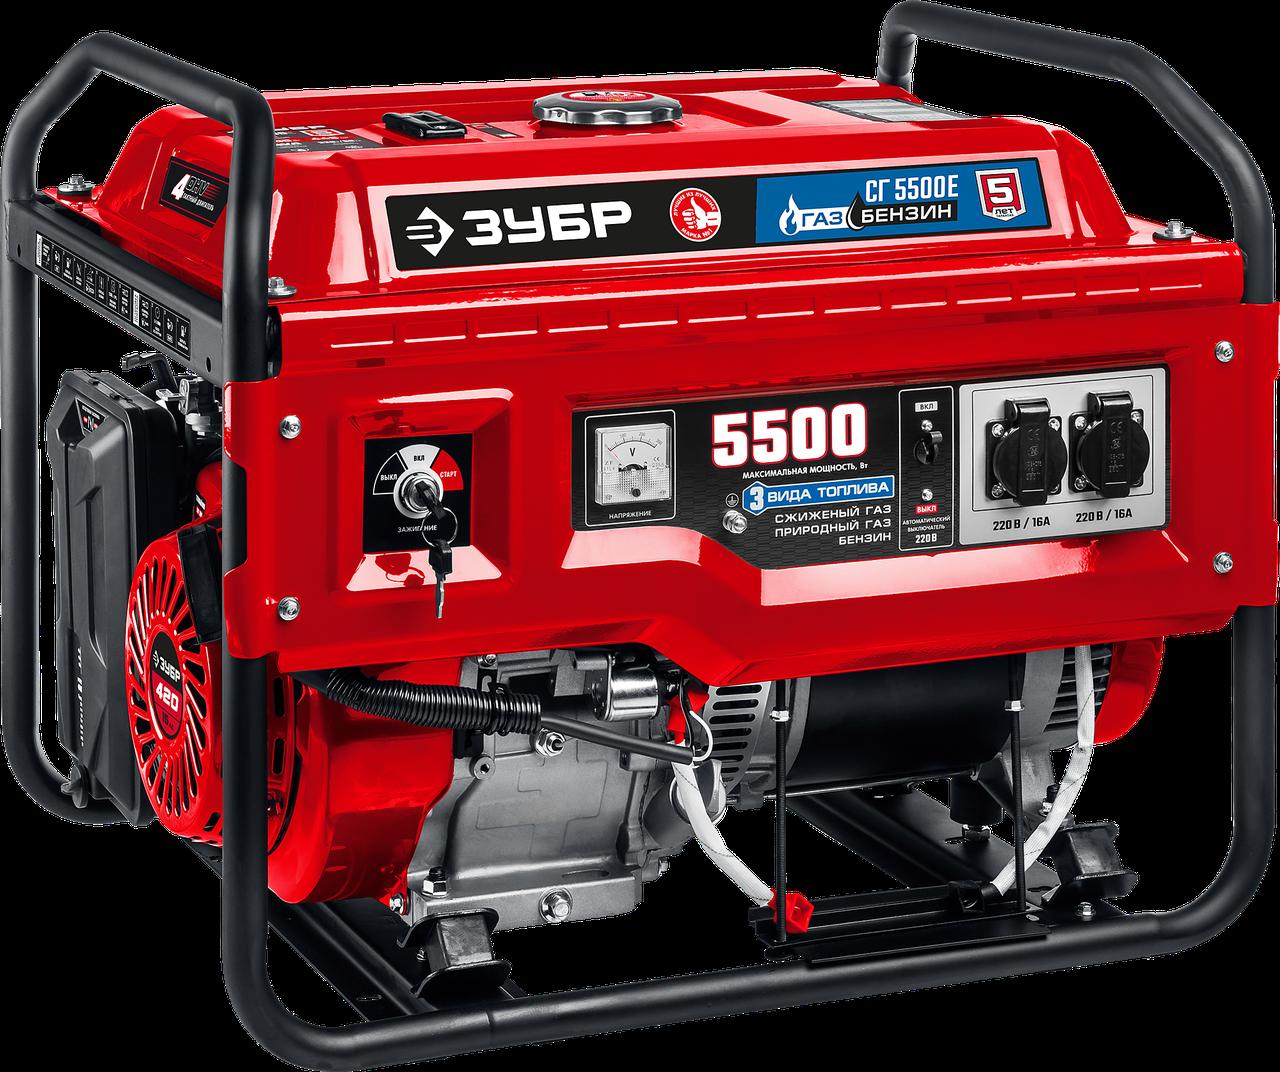 СГ-5500Е генератор гибридный (бензин / газ) с электростартером, 5500 Вт, ЗУБР